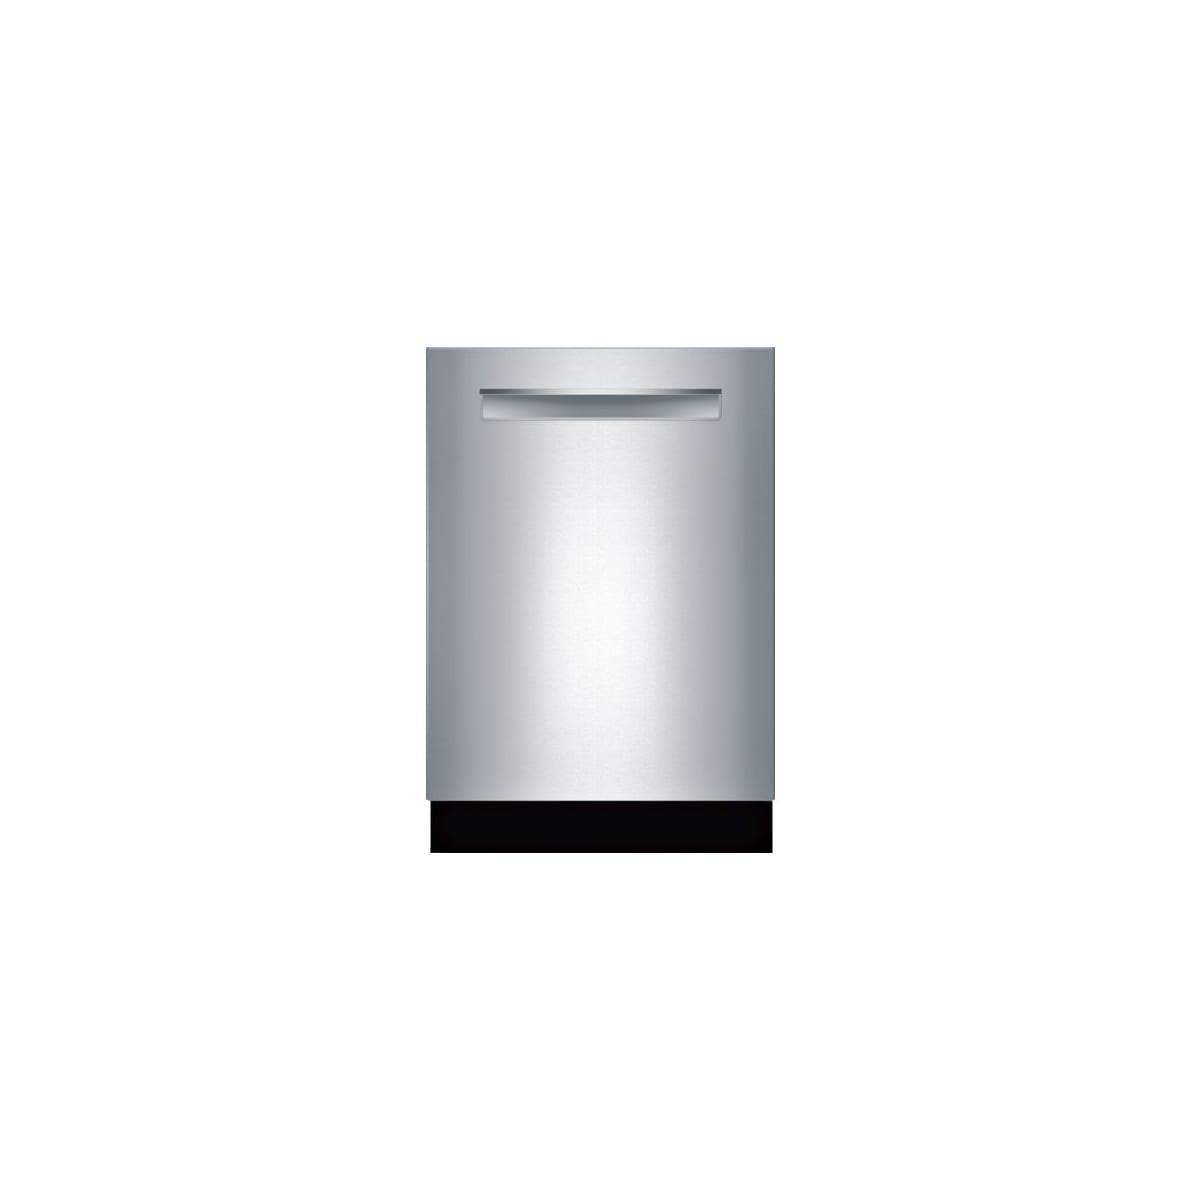 10 BEST Bosch Quiet Dishwashers of March 2020 17